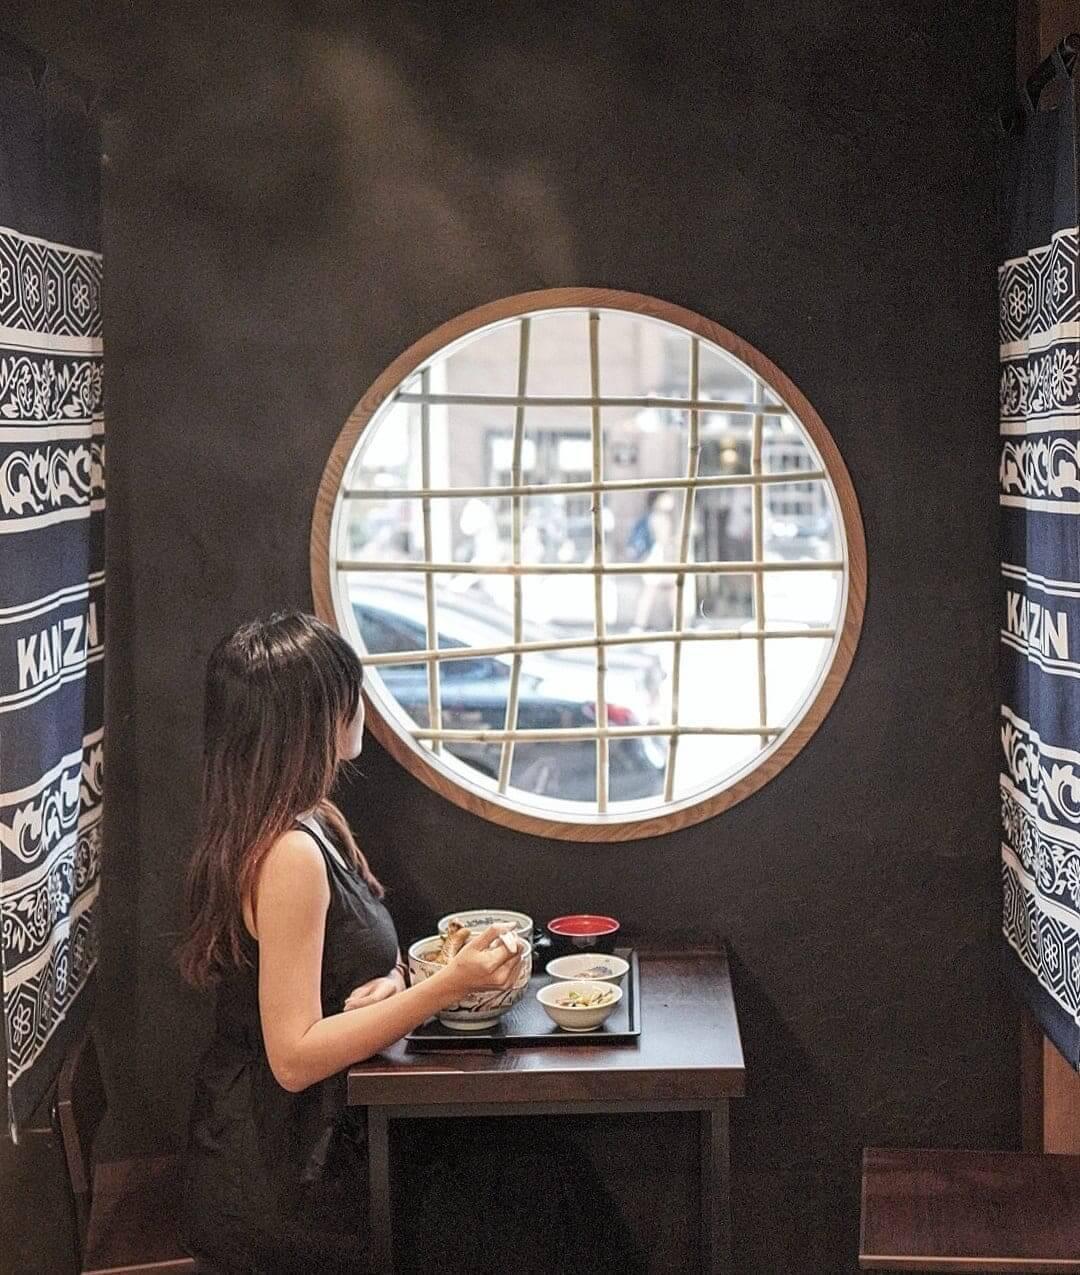 型格日式黑牆,加上圈形小窗,打卡100分!